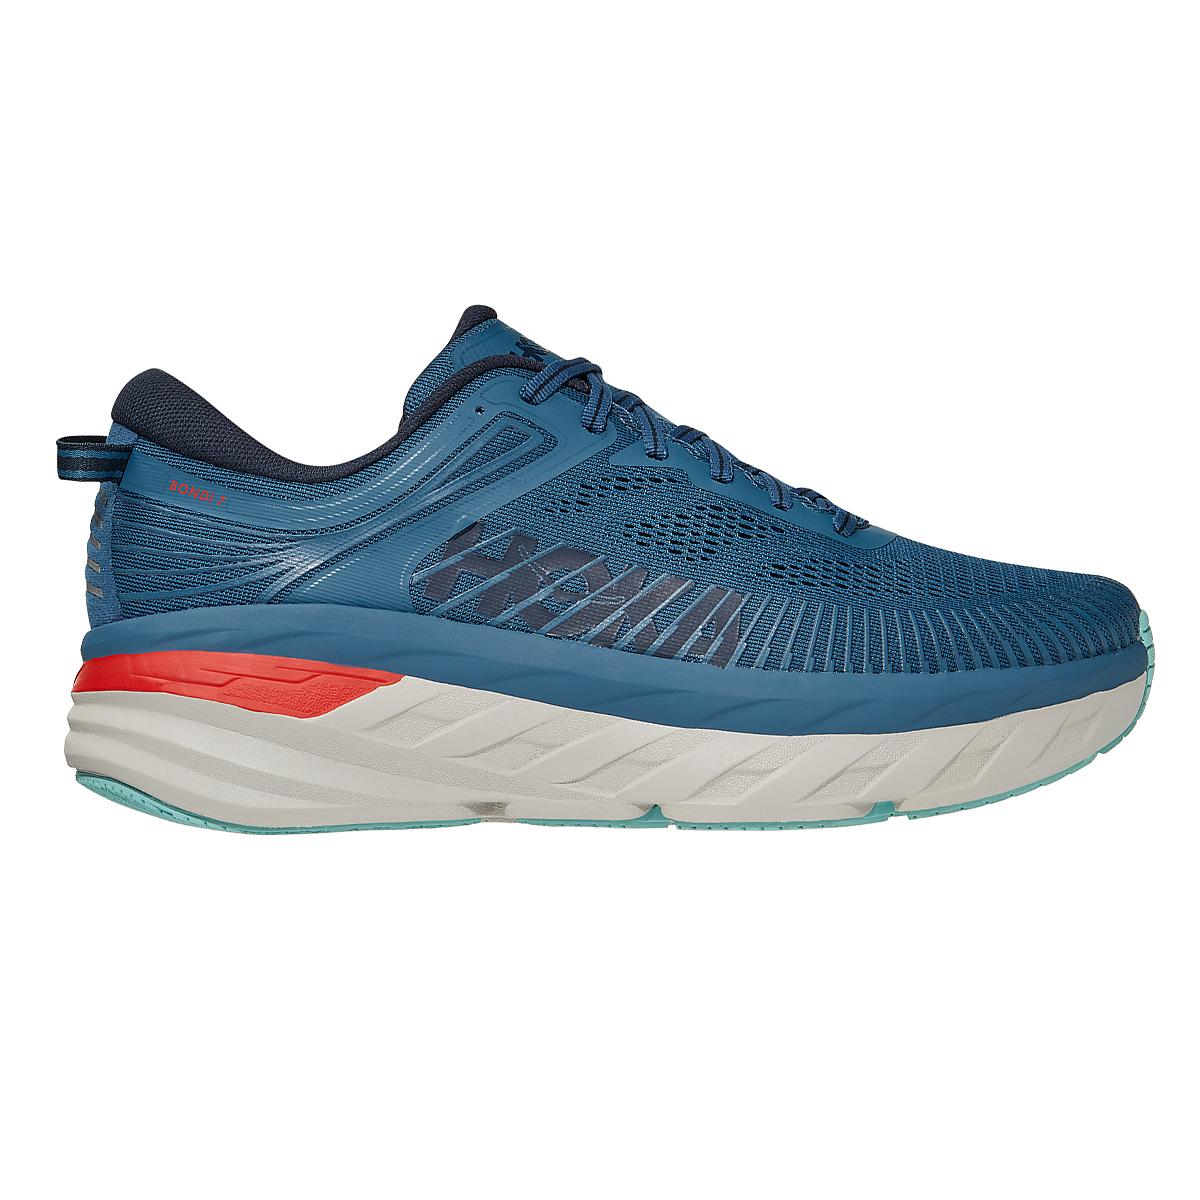 Men's Hoka One One Bondi 7 Running Shoe, , large, image 1